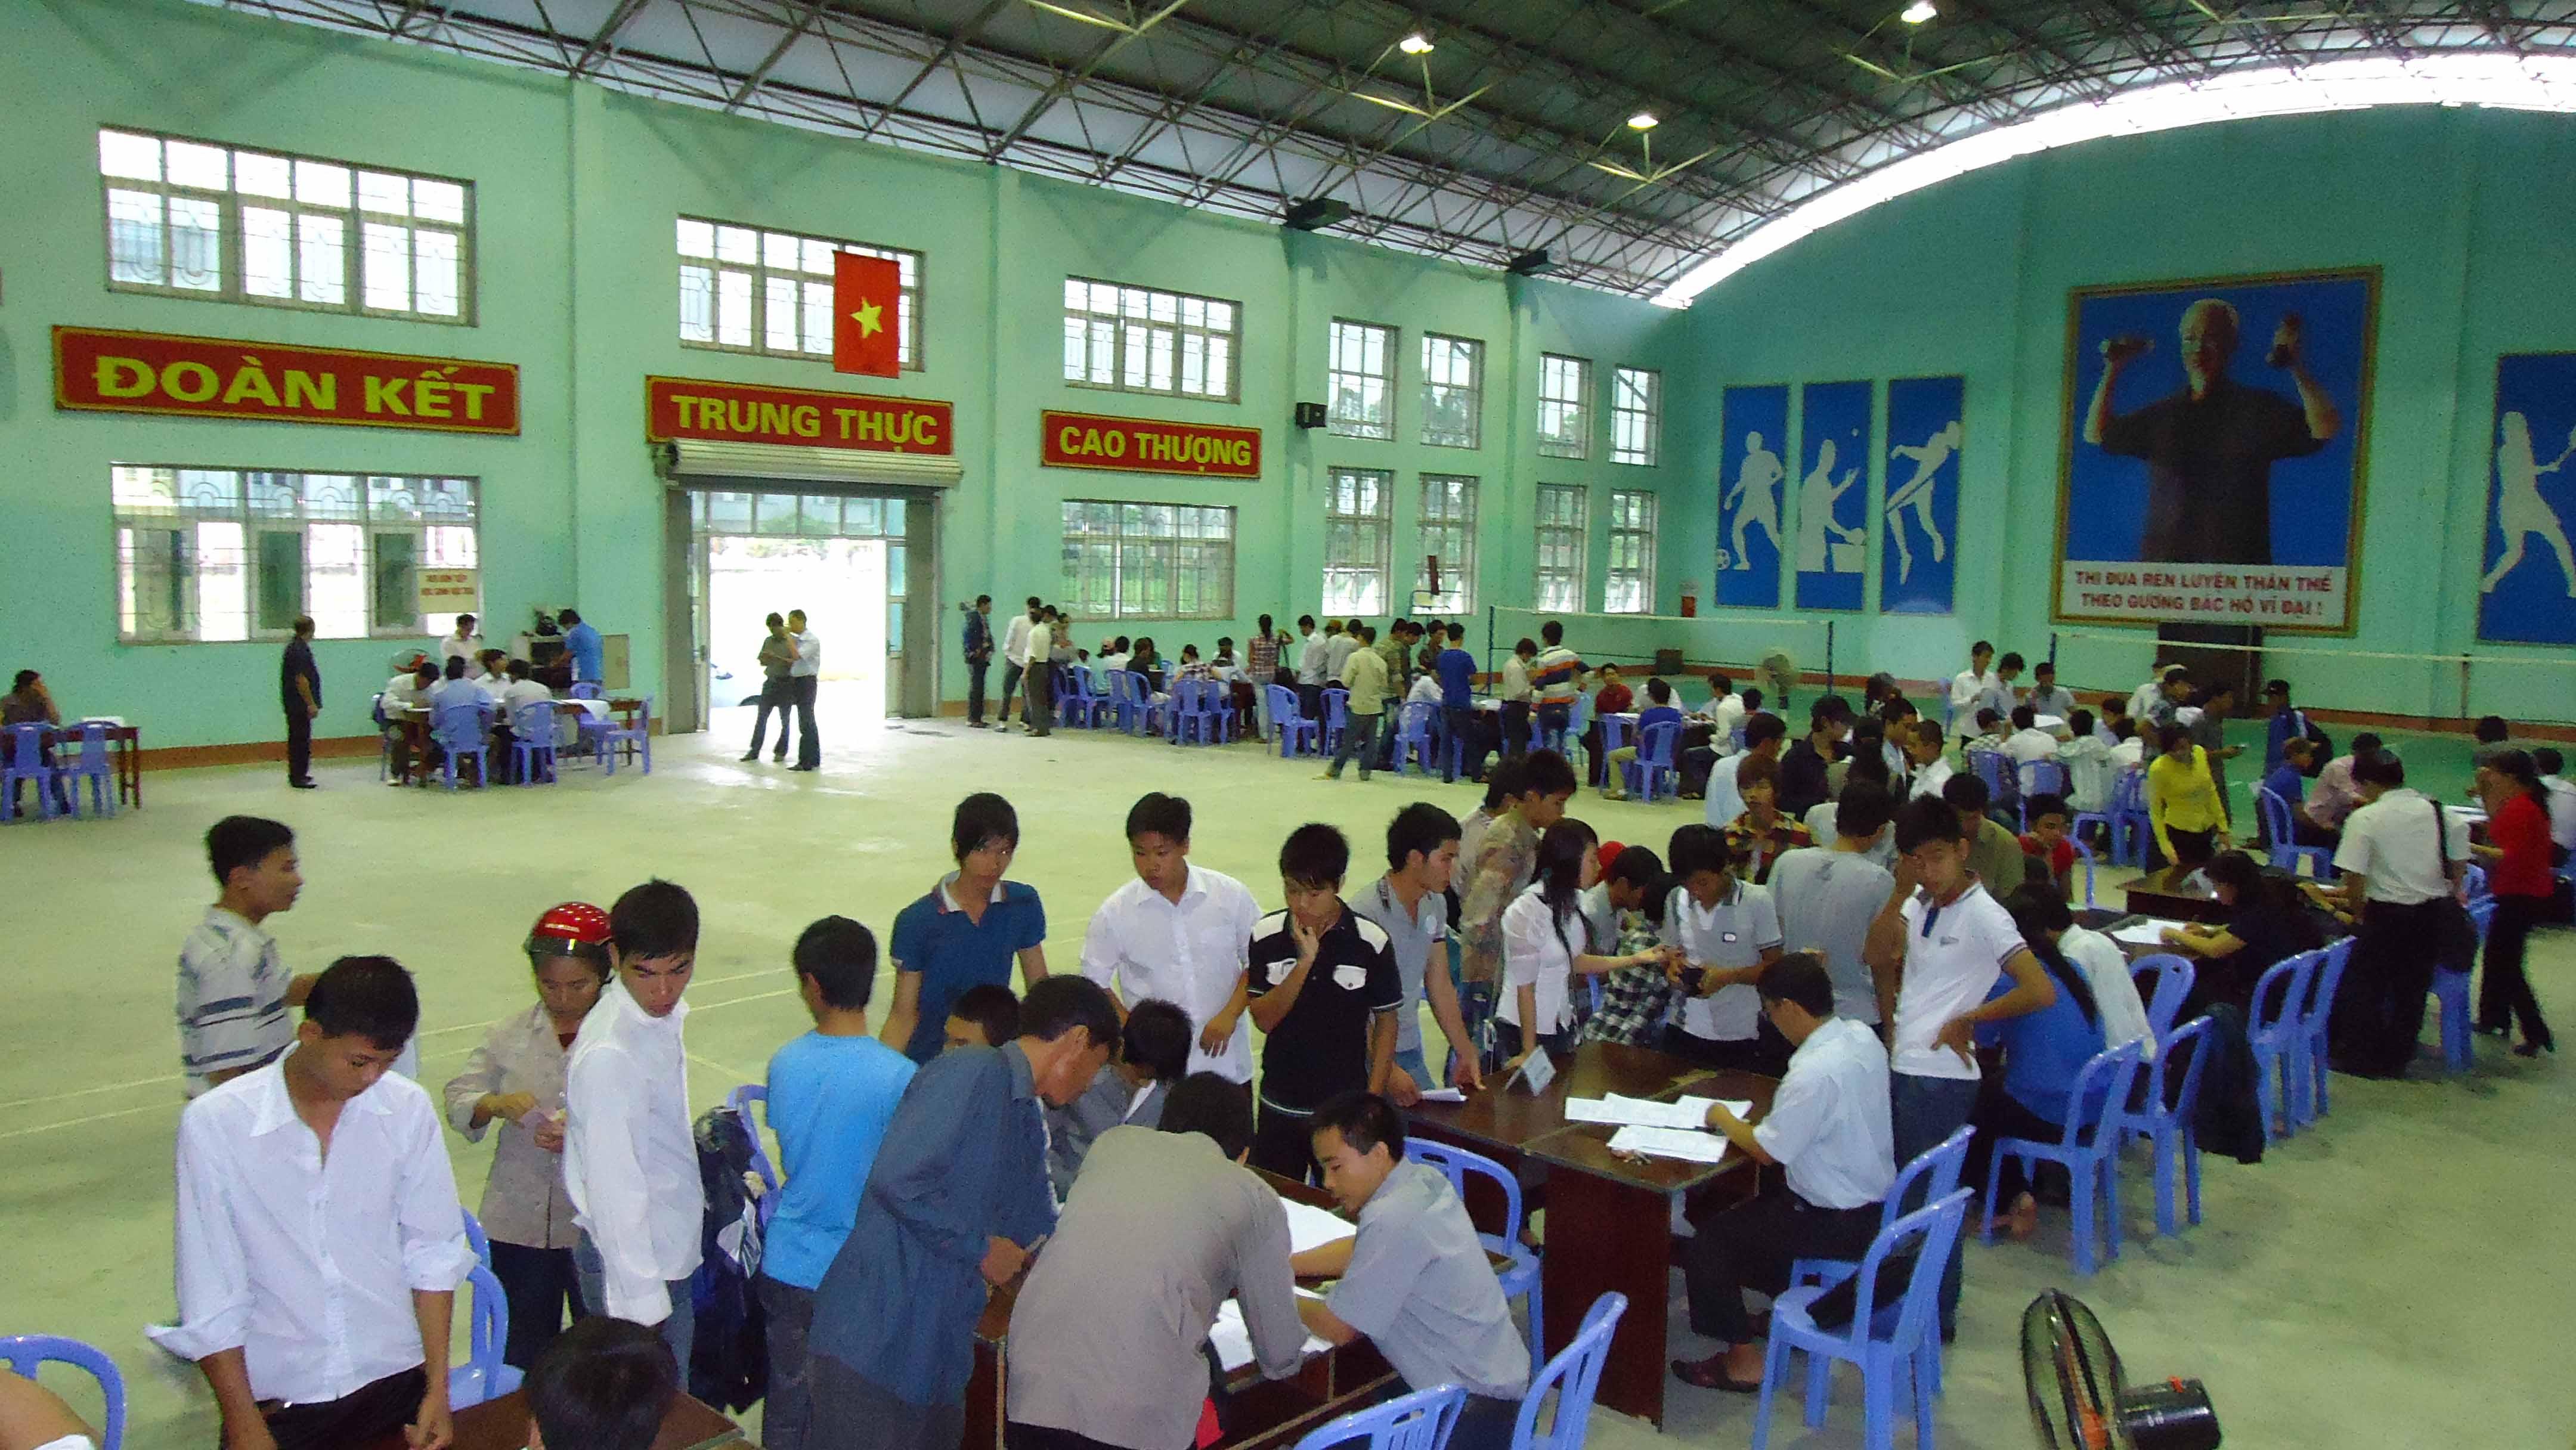 Chào mừng các tân Học sinh – sinh viên tựu trường